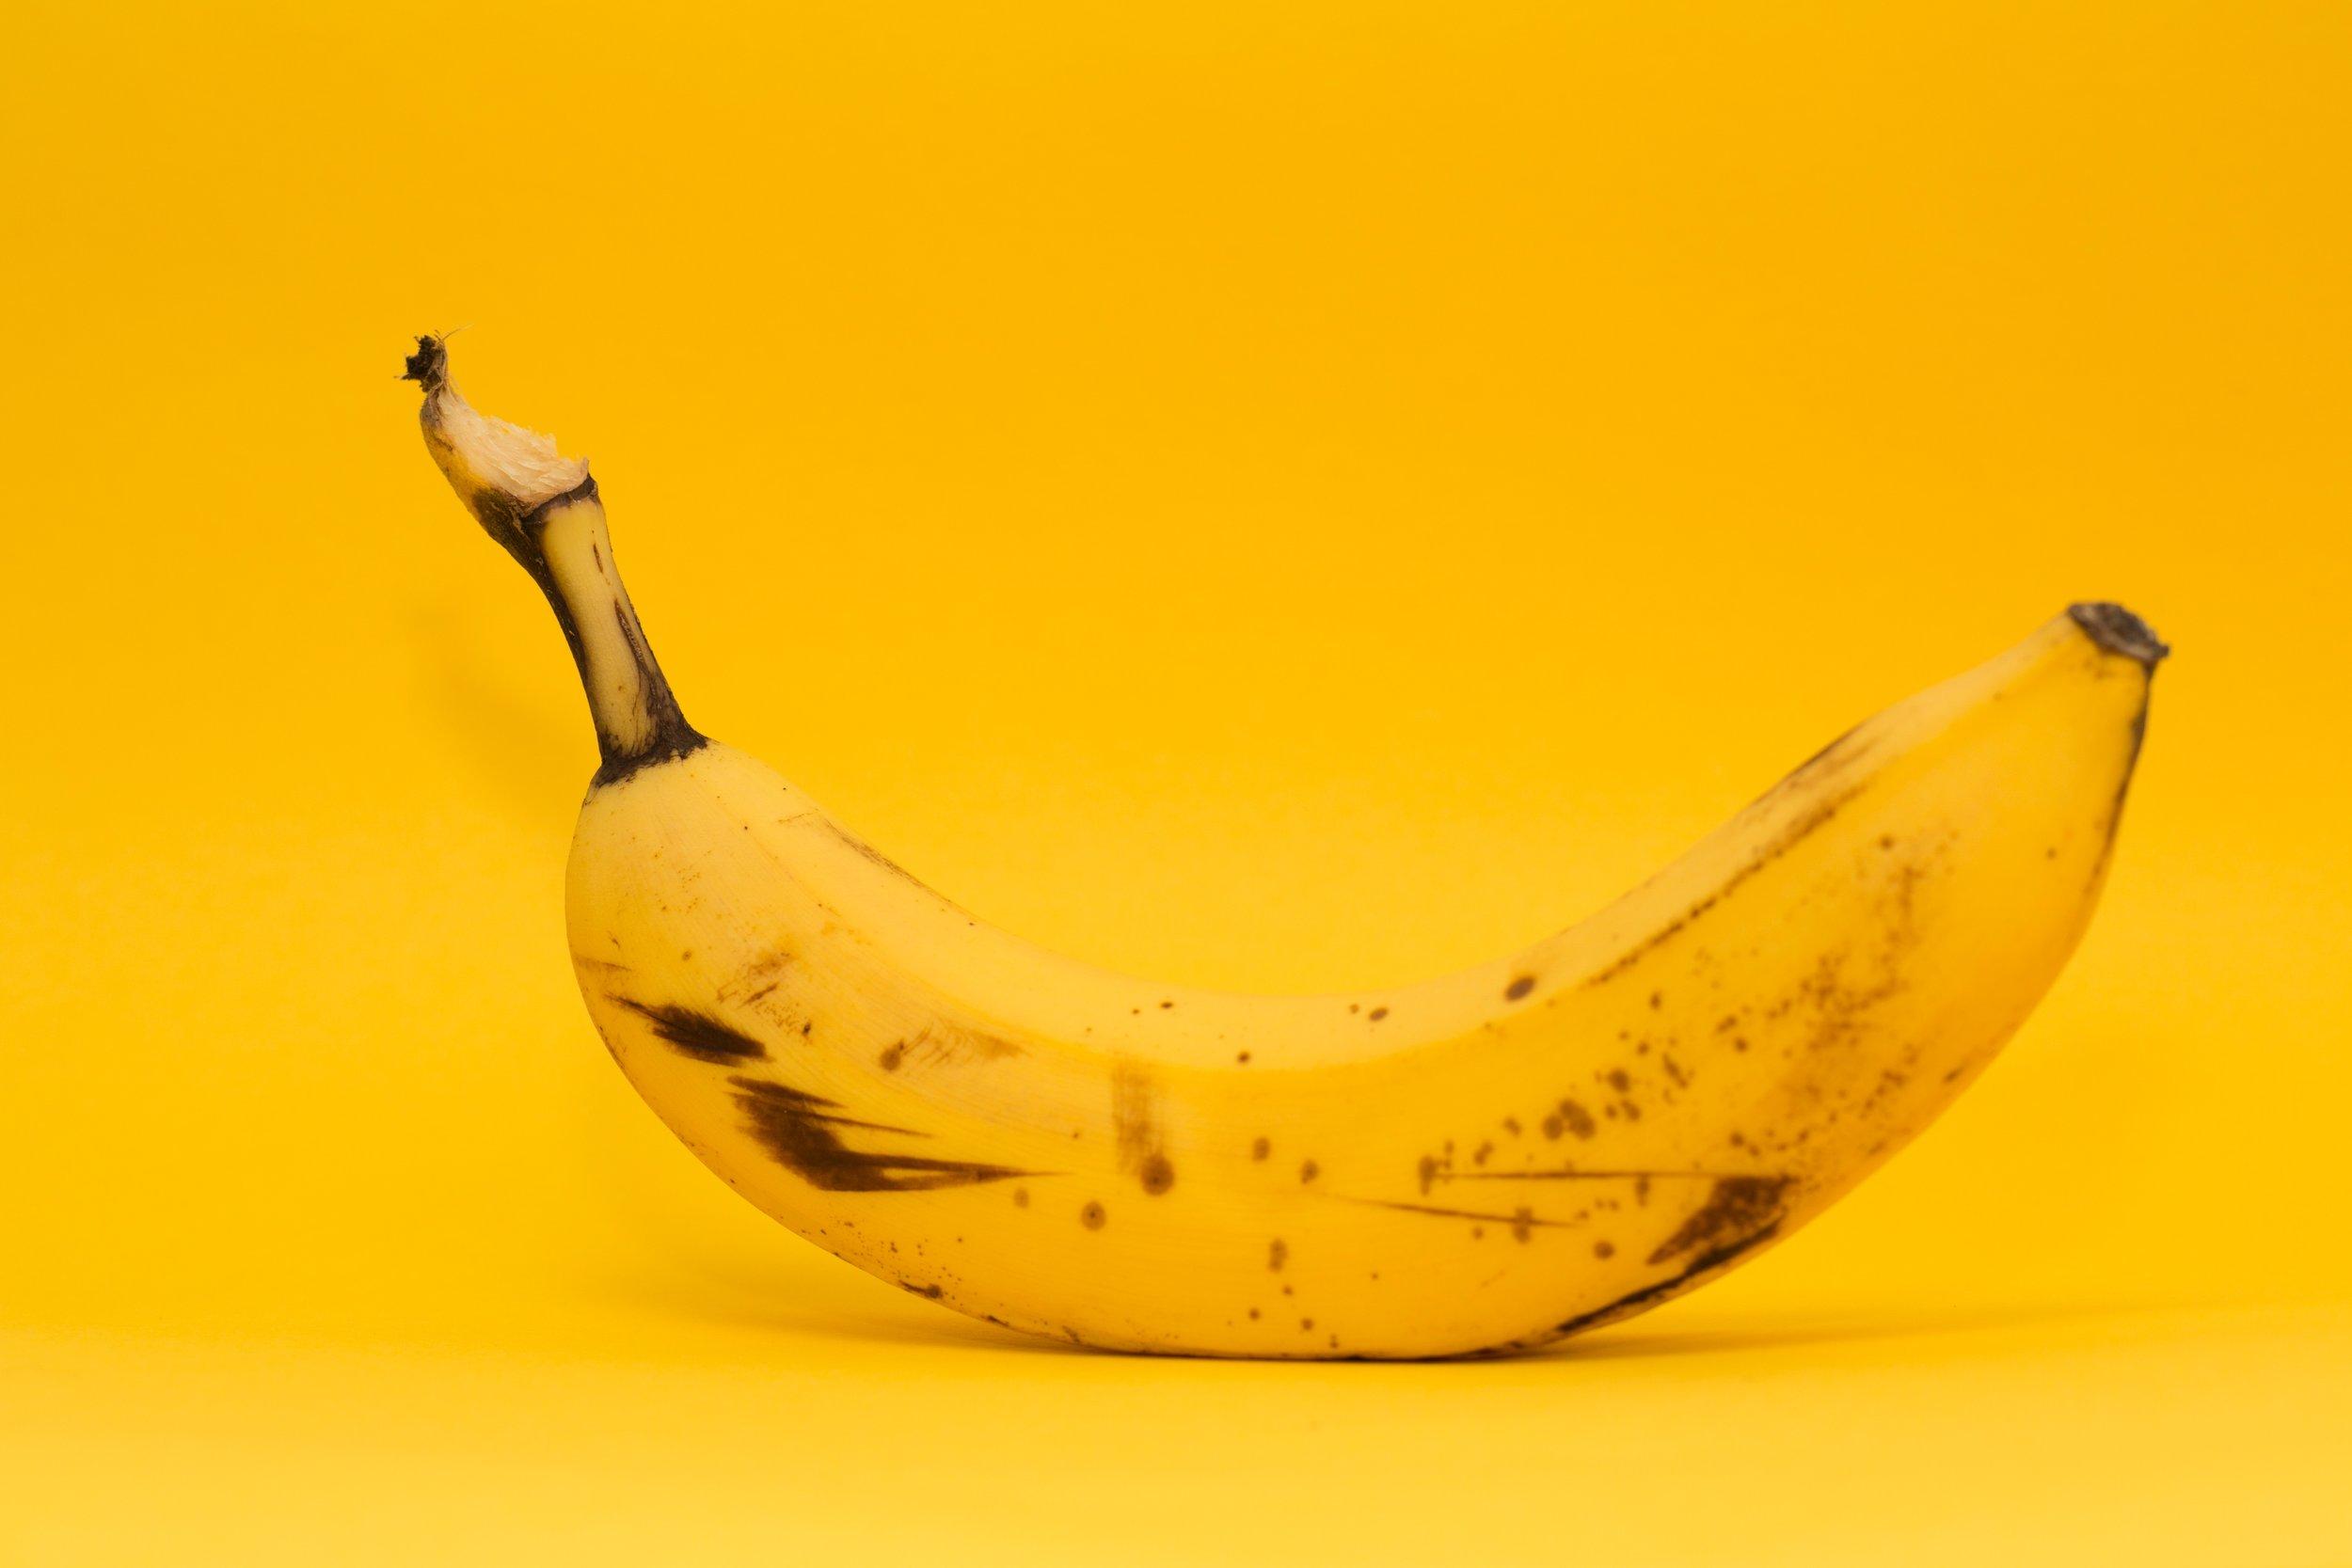 Vormittag-Snacks - Was ist bitte einfacher als eine Banane zu snacken, wenn der kleine Hunger kommt? Stimmt, ein Apfel zu essen. Da muss man noch nicht mal eine Schale öffnen, sondern kann sofort reinbeißen!Ich für meinen Teil greife sehr gerne auf Obst und Gemüse zurück. Außerdem ist meine Schreibtischschublade oft ausgerüstet mit gerösteten Kichererbsen, Reiswaffeln mit Dip, getrocknetes Obst o. ä.Mir ist dabei wichtig, dass die Lebensmittel nicht unnötig verarbeitet sind.